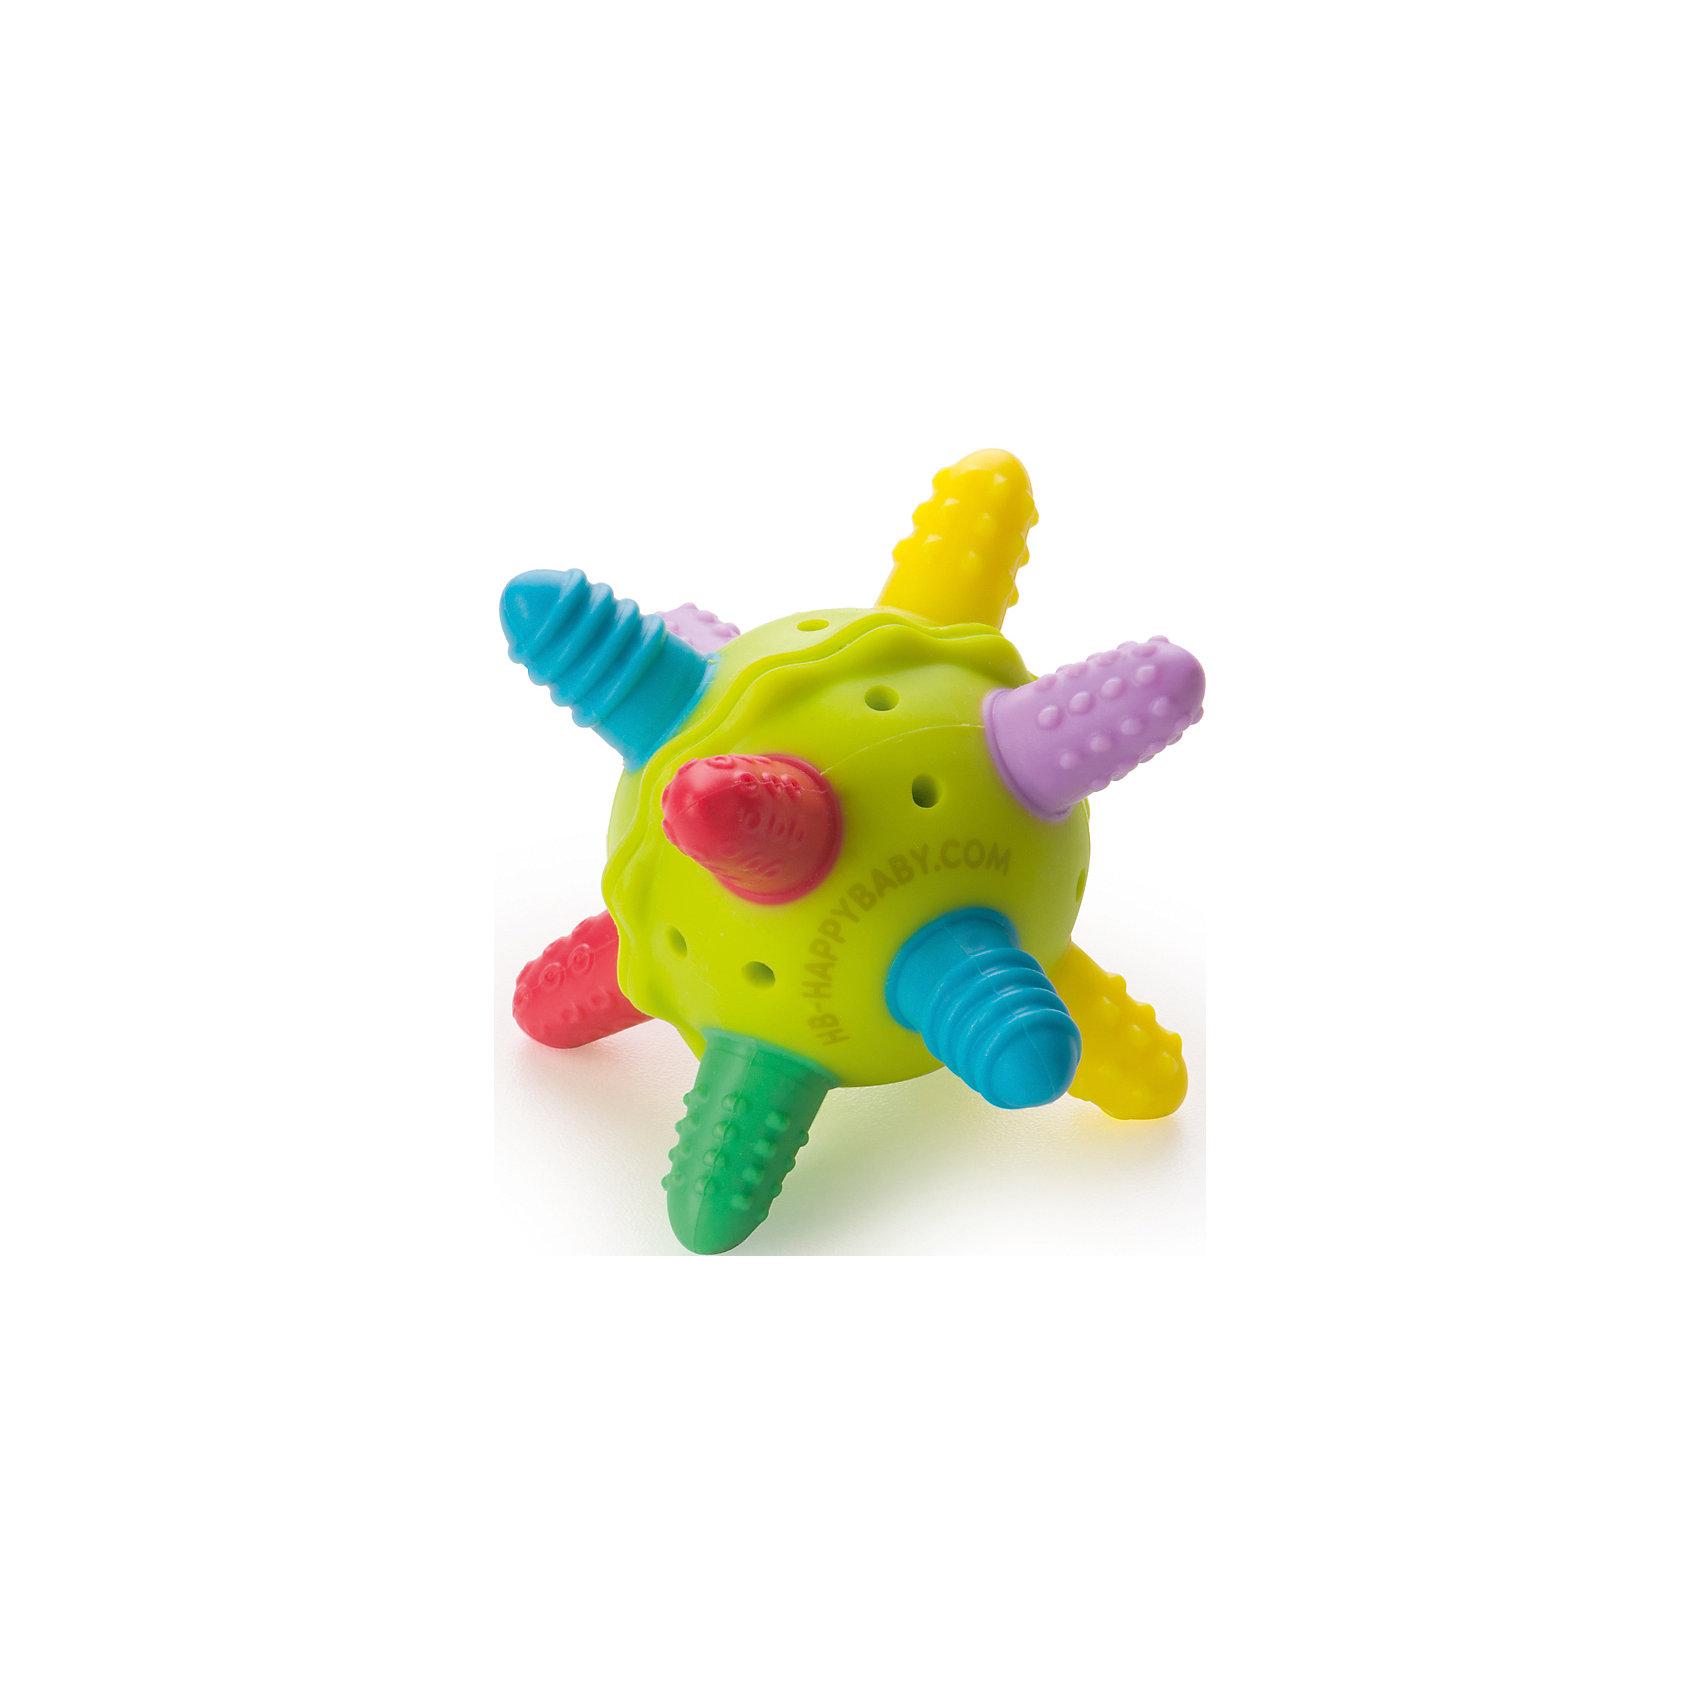 Прорезыватель-погремушка силиконовая, с 4 мес., Happy BabyПрорезыватели<br>Прорезыватель-погремушка силиконовая, с 4 мес., Happy Baby совершенно необходим в период, когда у малыша начинают резаться зубки. Прорезыватель увлечет малыша игрой, поможет развить внимание и хватательные рефлексы. Изделие массирует десны, имеет эргономичную форму и проникает в труднодоступные места ротовой полости. Уход: мыть горячей водой с мылом и тщательно ополаскивать. Сушить при комнатной температуре.<br>Внимание! Вымыть перед первым использованием. Не класть в морозильную камеру. Не кипятить.<br><br>Дополнительная информация: <br><br>- возраст: от 4 месяцев.<br>- материал: силикон, полистирол<br><br>Прорезыватель-погремушку силиконовую, с 4 мес., Happy Baby можно купить в нашем интернет-магазине.<br><br>Ширина мм: 80<br>Глубина мм: 80<br>Высота мм: 125<br>Вес г: 118<br>Возраст от месяцев: 4<br>Возраст до месяцев: 9<br>Пол: Унисекс<br>Возраст: Детский<br>SKU: 4696849